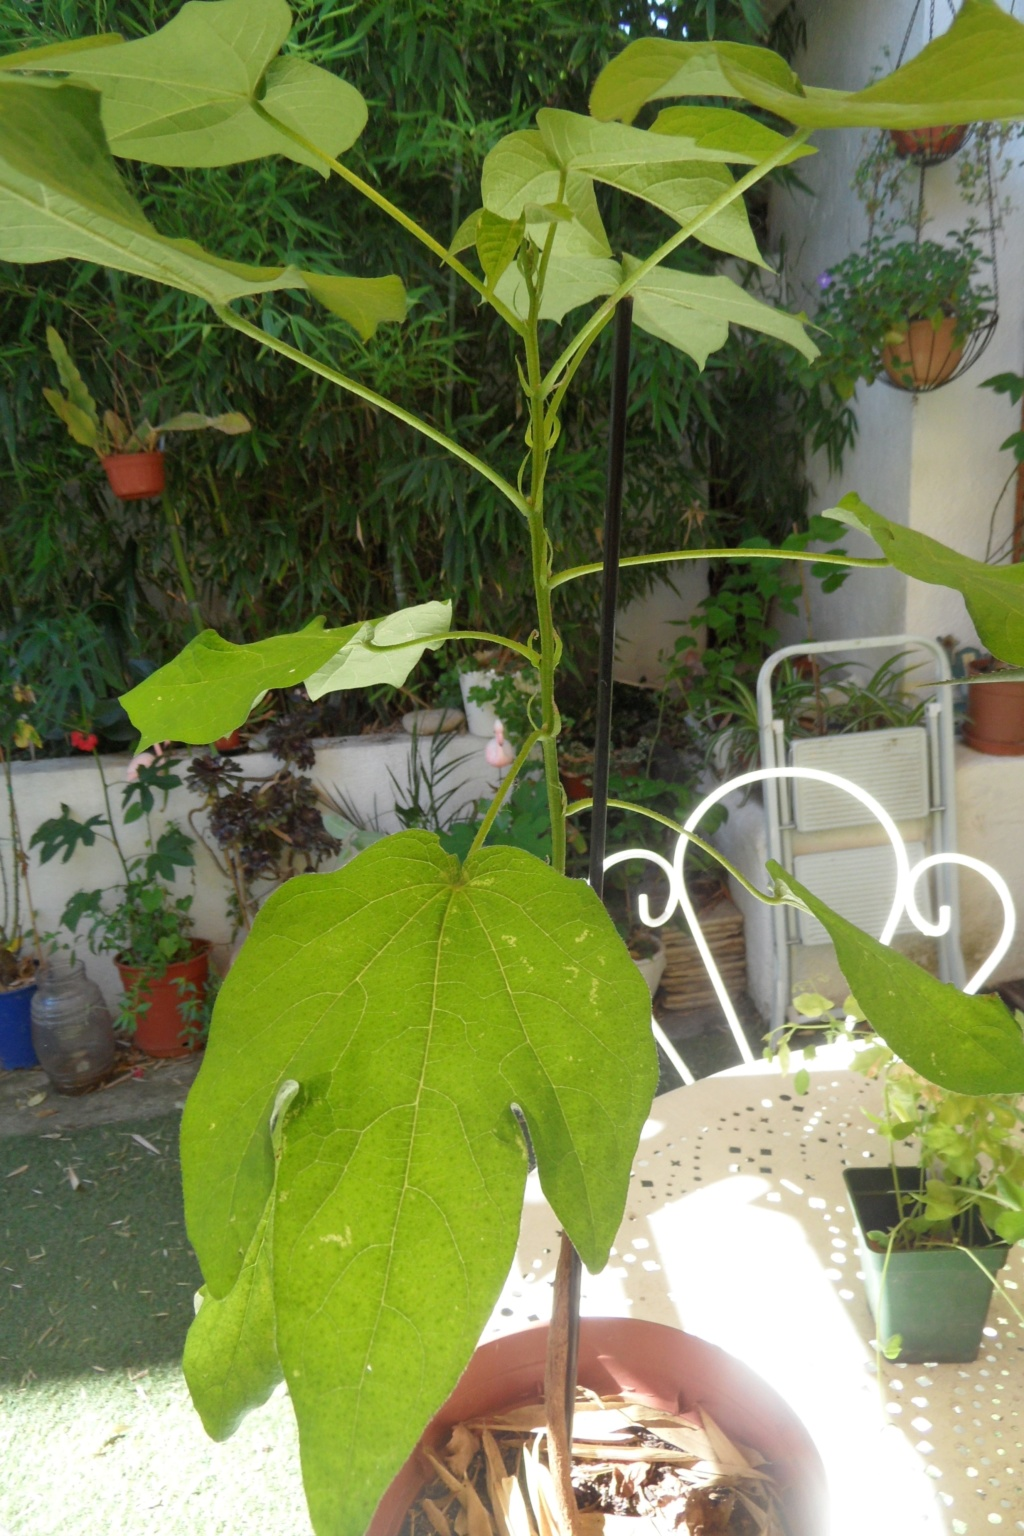 plante peu courante a decouvrir - Page 2 Sam_0557